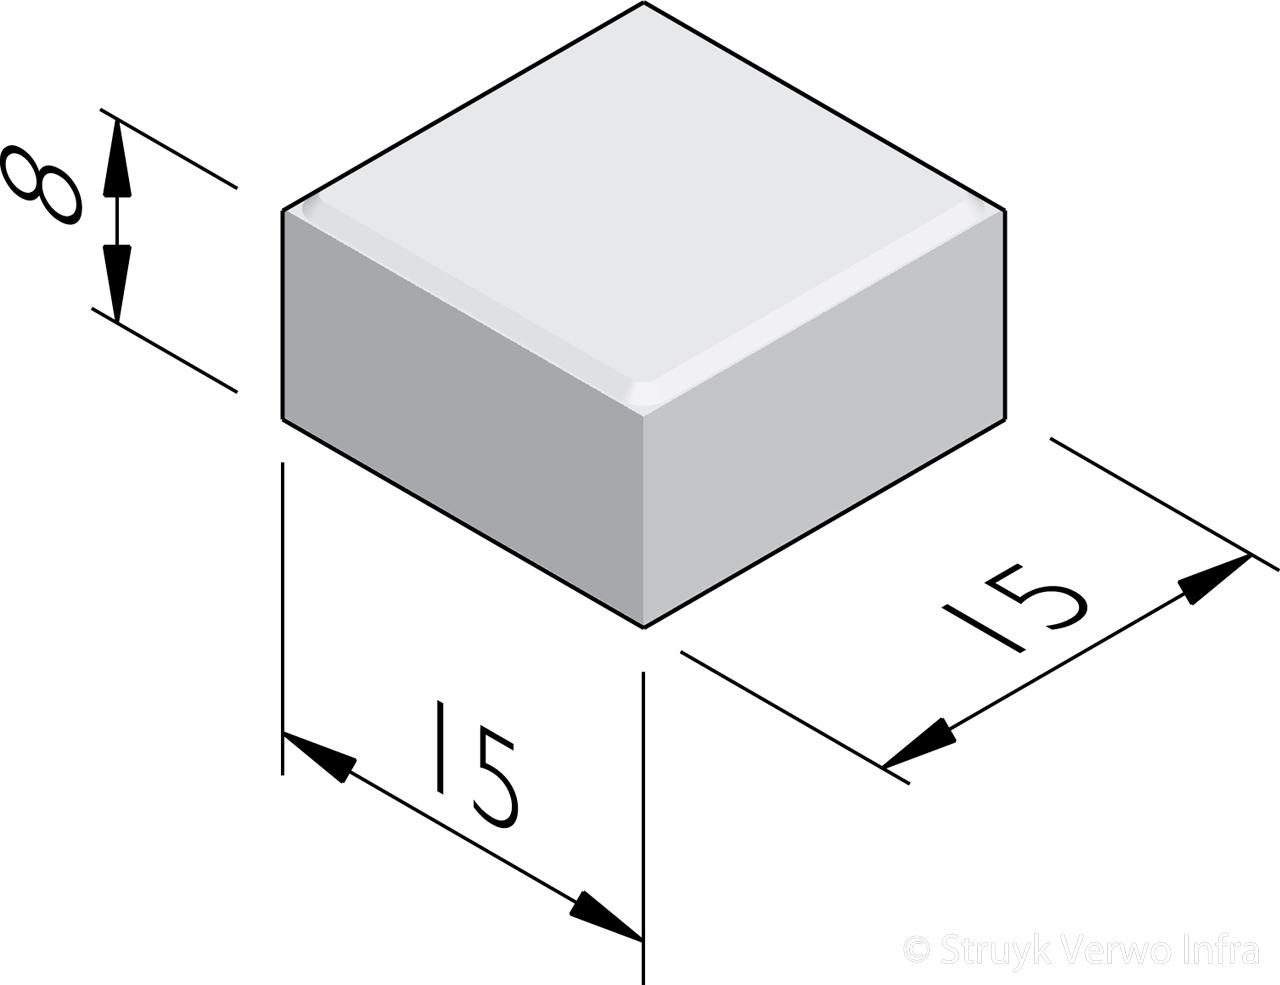 Wandtegels Zwart 15×15  Strips rand tegels of listellou s baukje maakt het